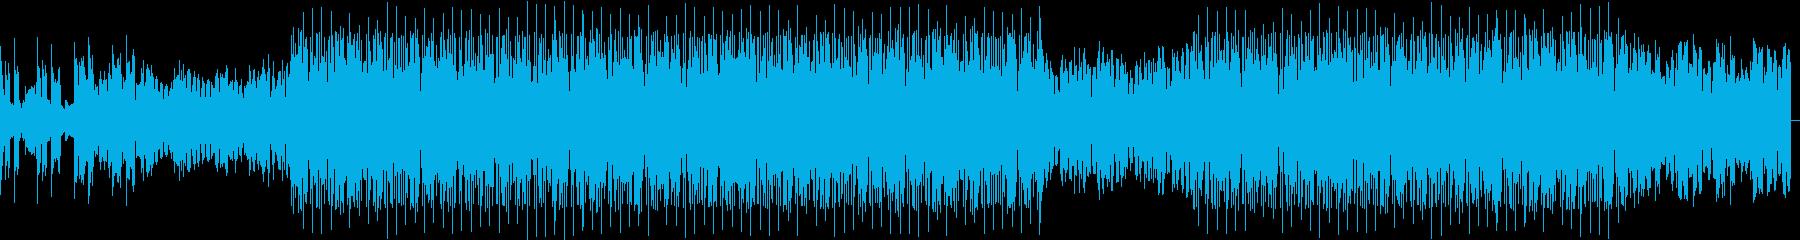 bpm112 ボコーダーEDMエレクトロの再生済みの波形